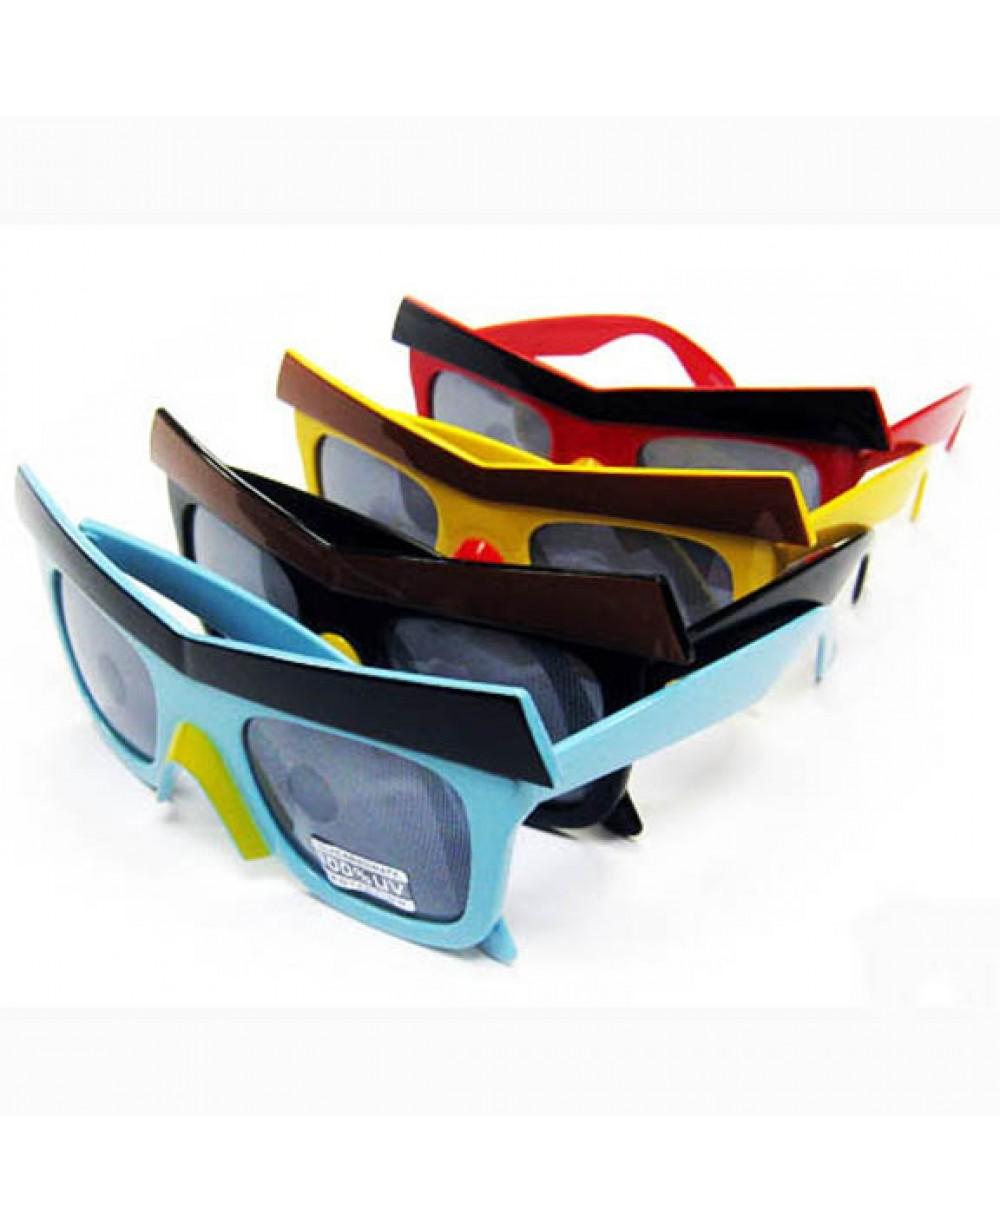 Beak-Sunglasses1 12 Unusual Sunglasses trends in 2020